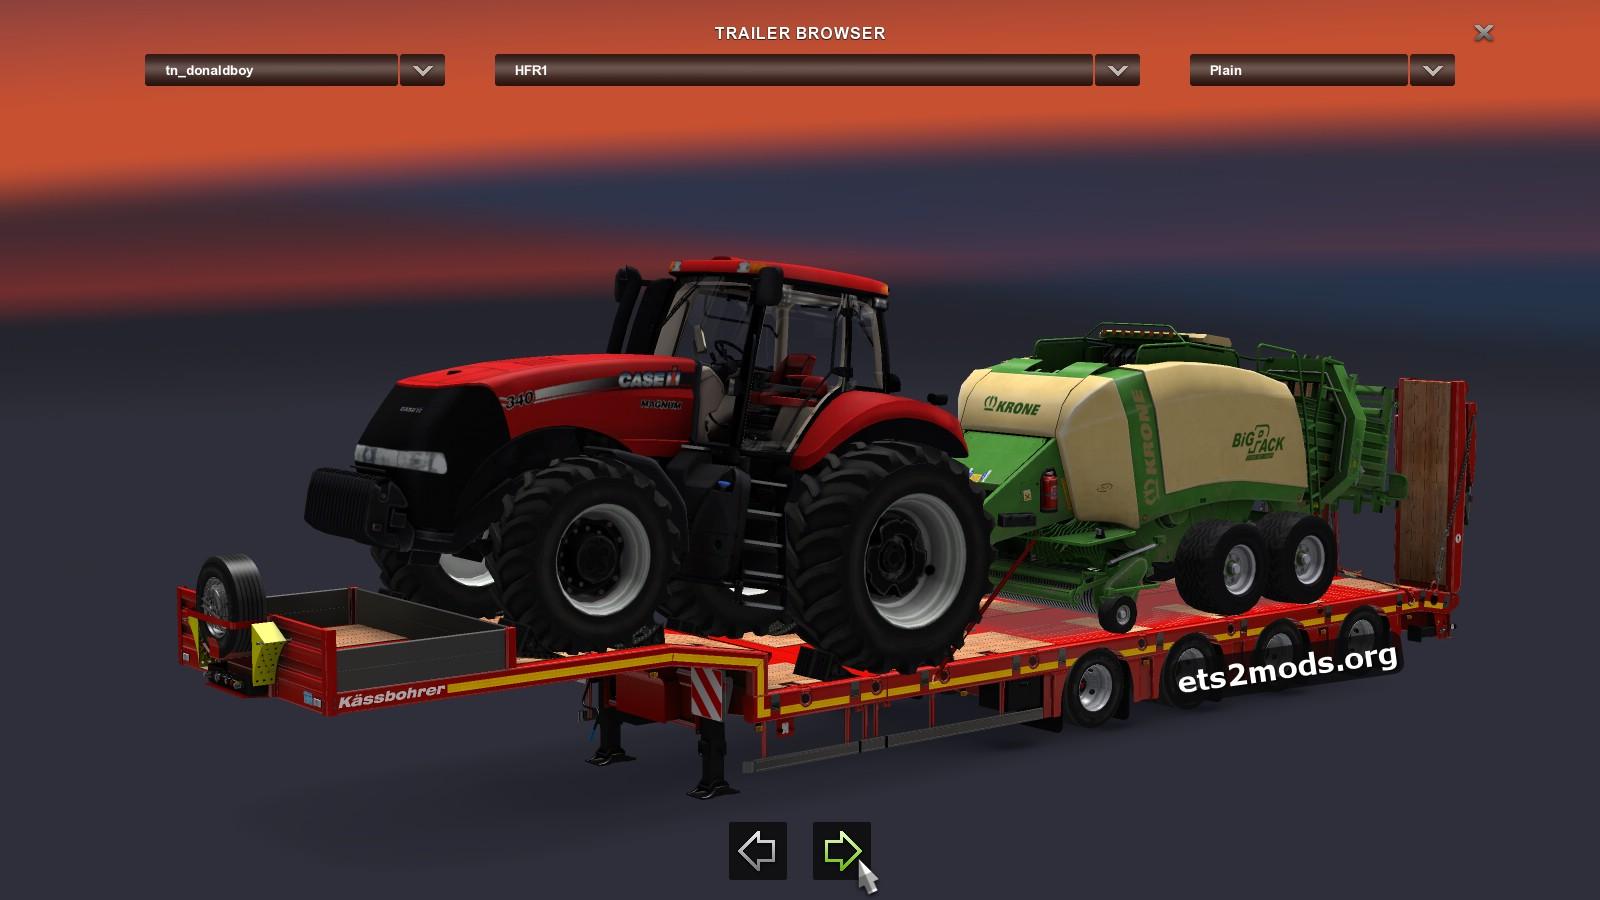 Trailer - Kassbohrer Heavy